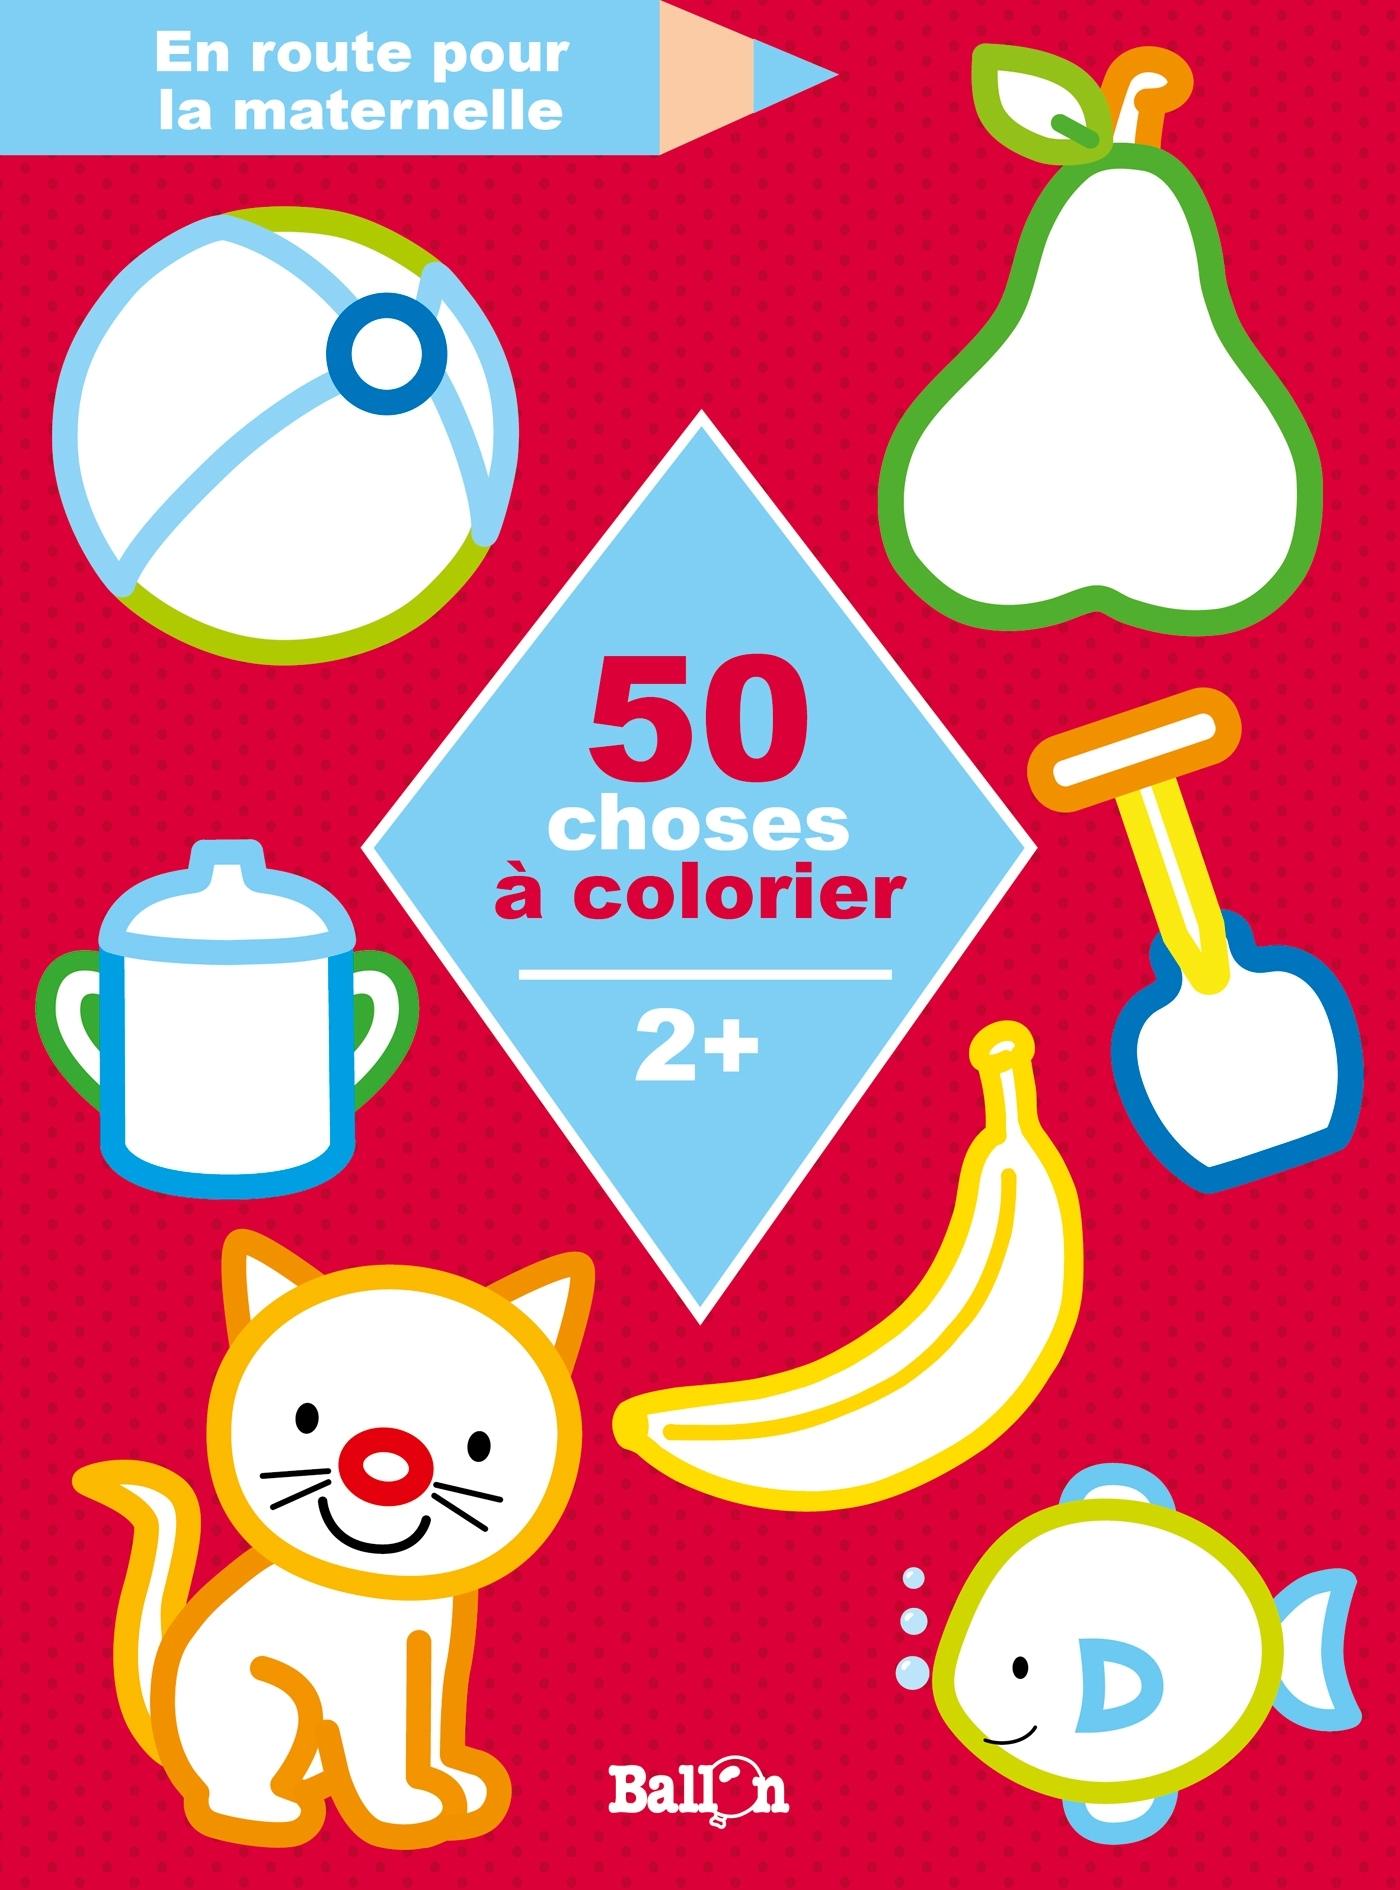 50 CHOSES A COLORIER 2+